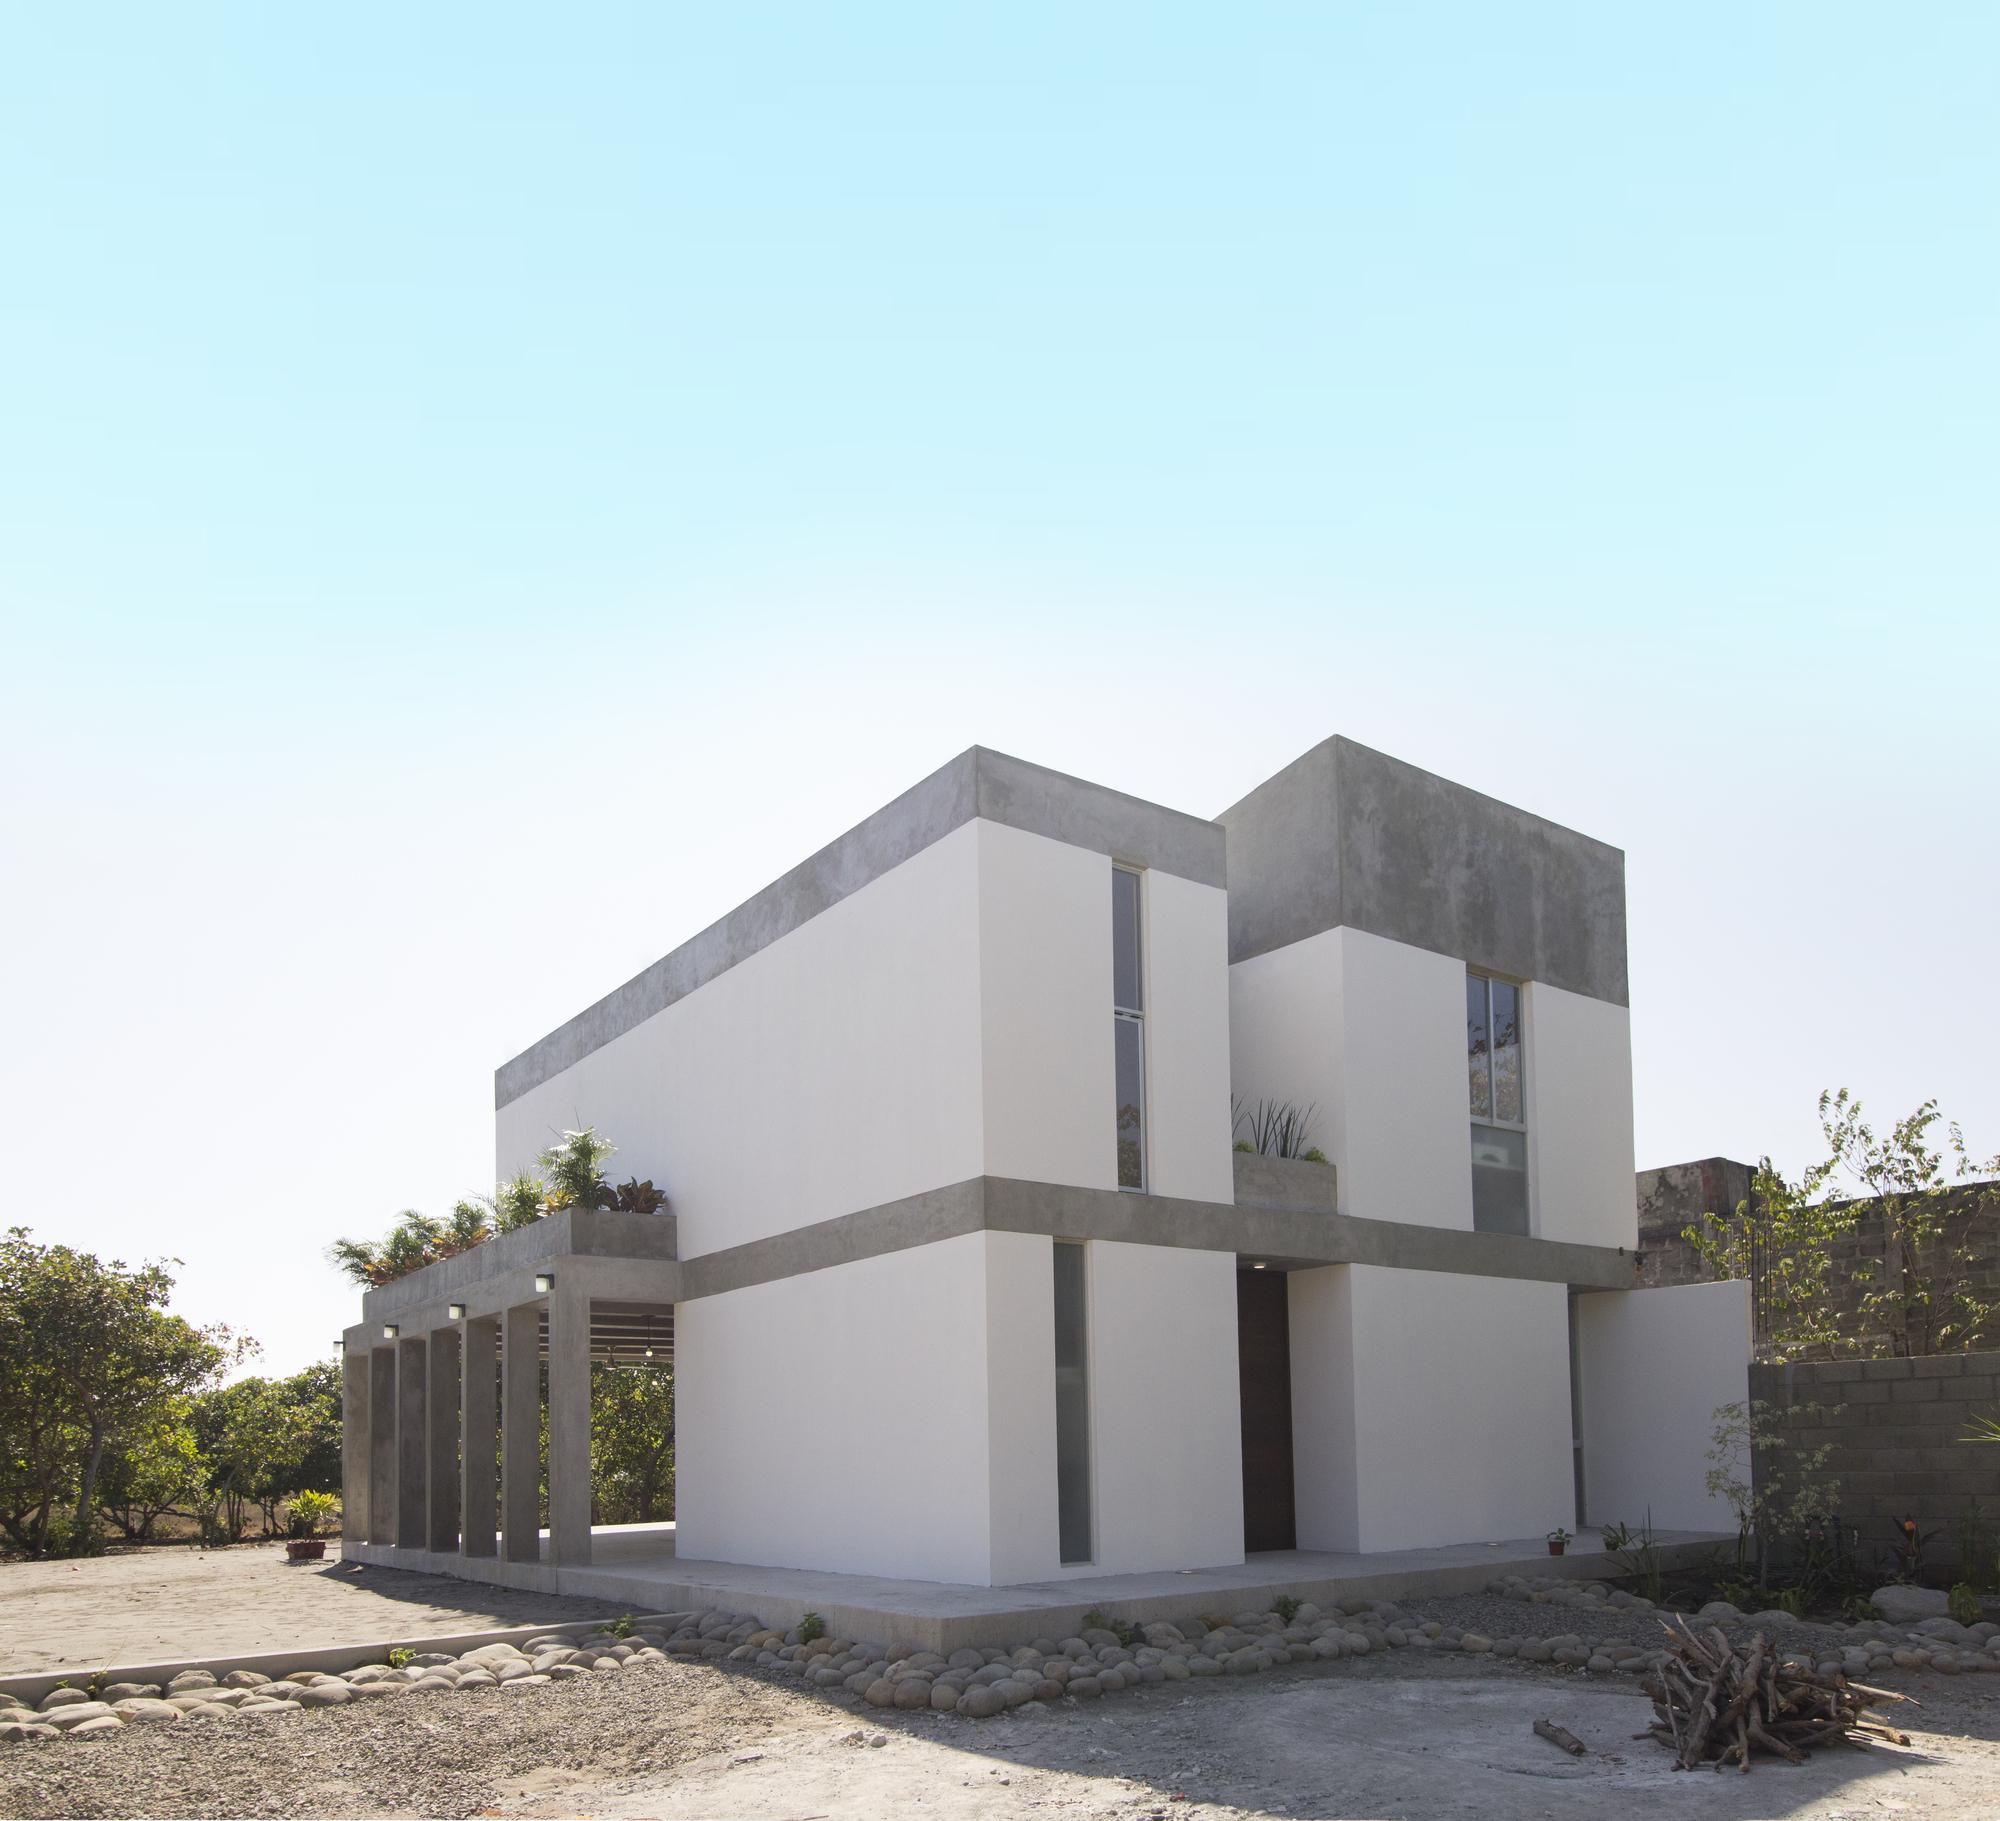 Galer a de casa mida apaloosa estudio de arquitectura y for Arquitectura y diseno de casas